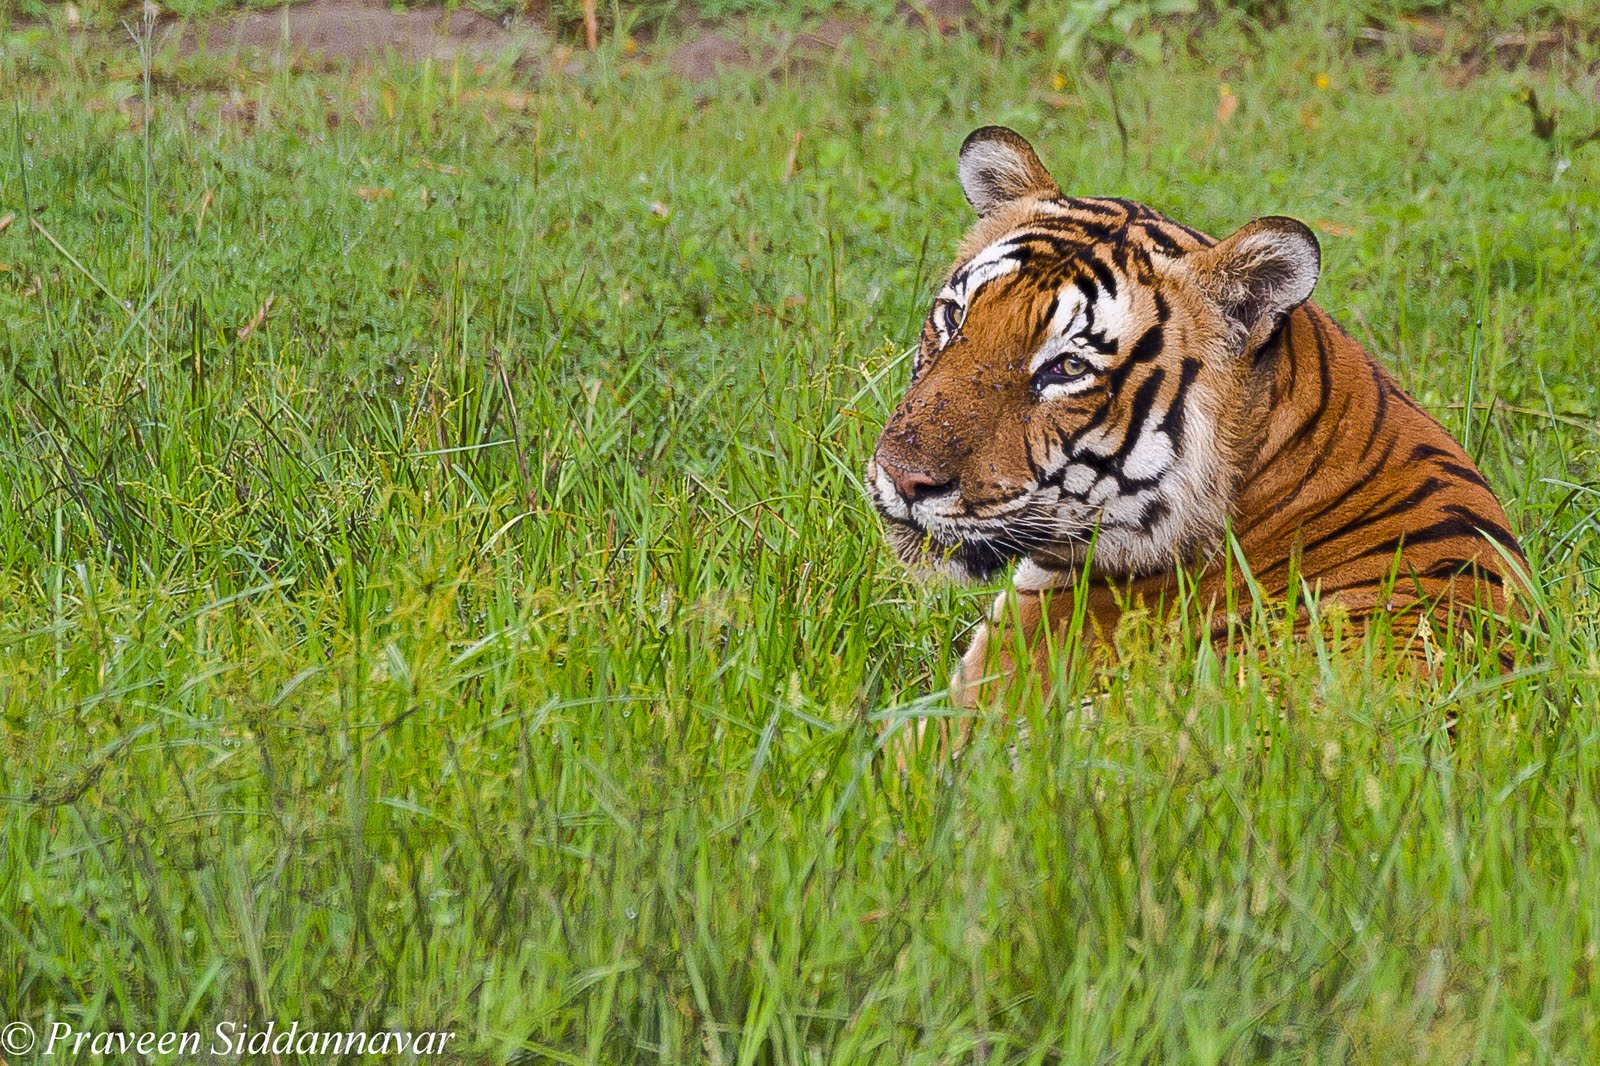 http://2.bp.blogspot.com/-M6buN_7_jEI/ThNSK4odFMI/AAAAAAAABFQ/FiLZl1PlFcY/s1600/Handsome-tiger5-19.jpg